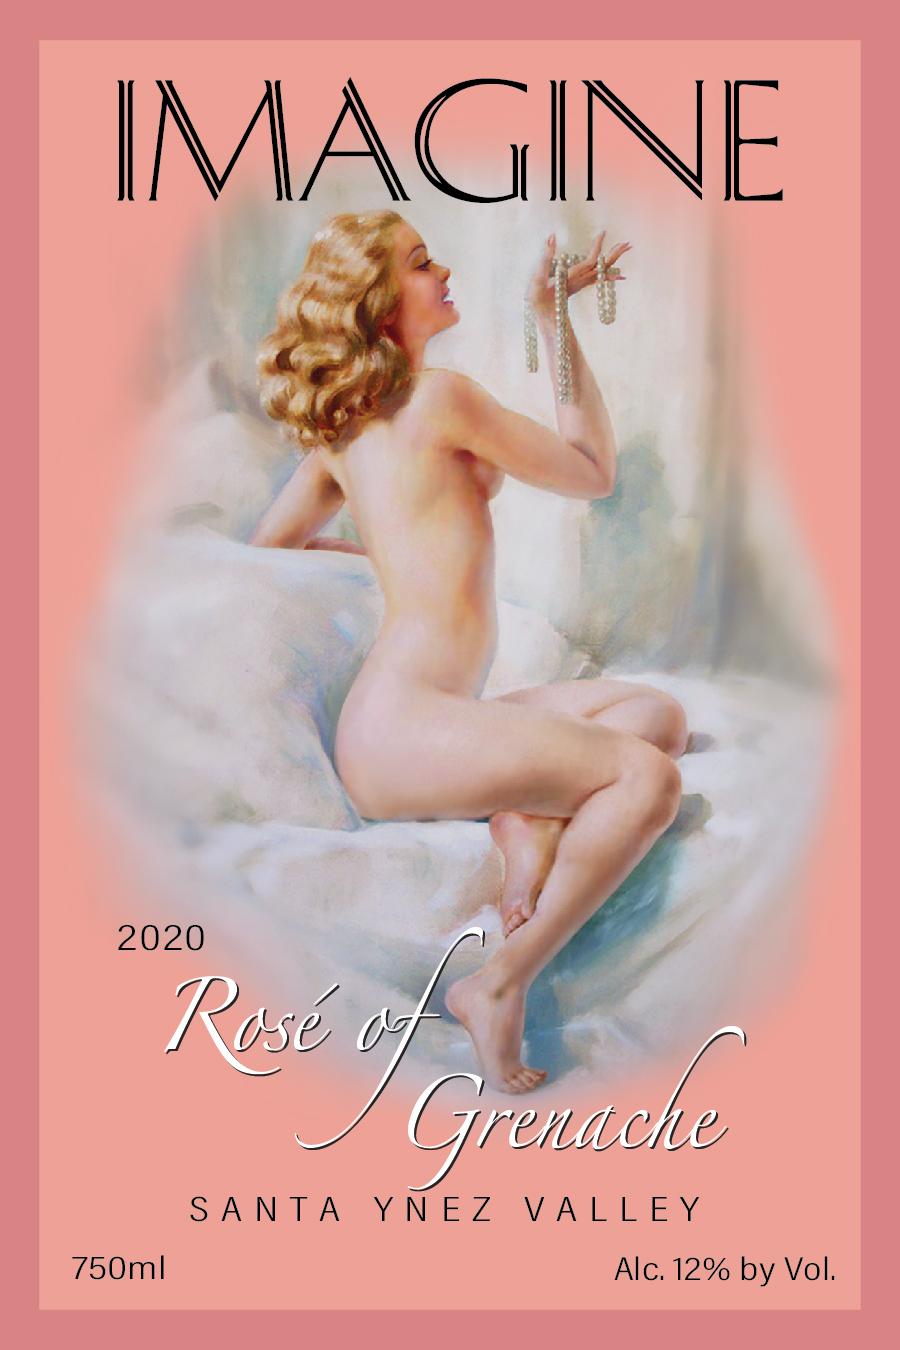 2020 Granache of Rose